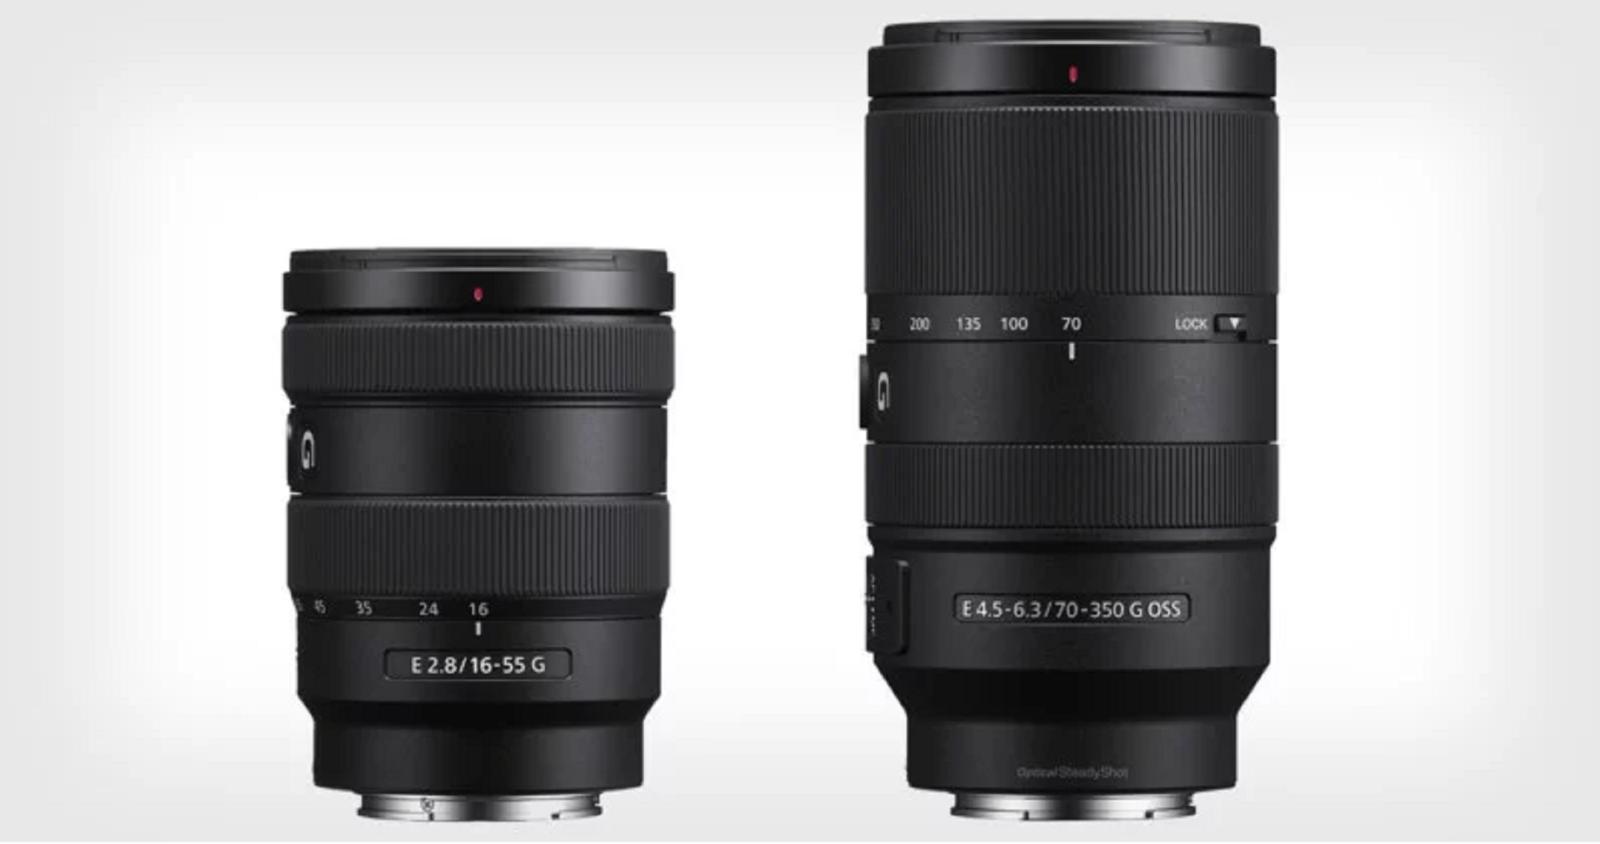 Sony công bốhai ống kínhmới 16-55mm f/2.8 G và 70-350mm f/4.5-6.3 G ngàm E cho hệ máy APS-C